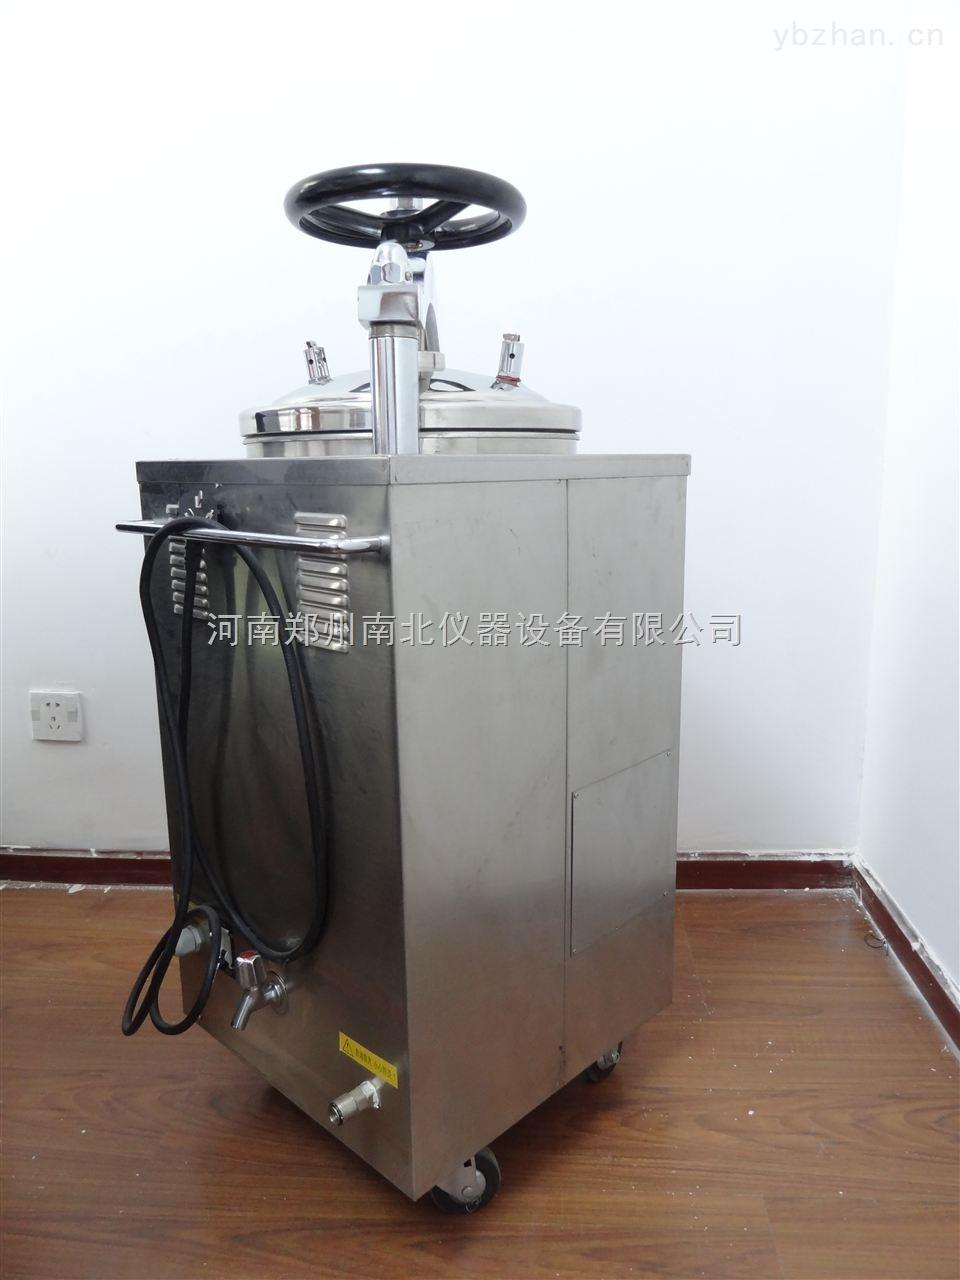 立式蒸汽壓力滅菌器,手提蒸汽滅菌器